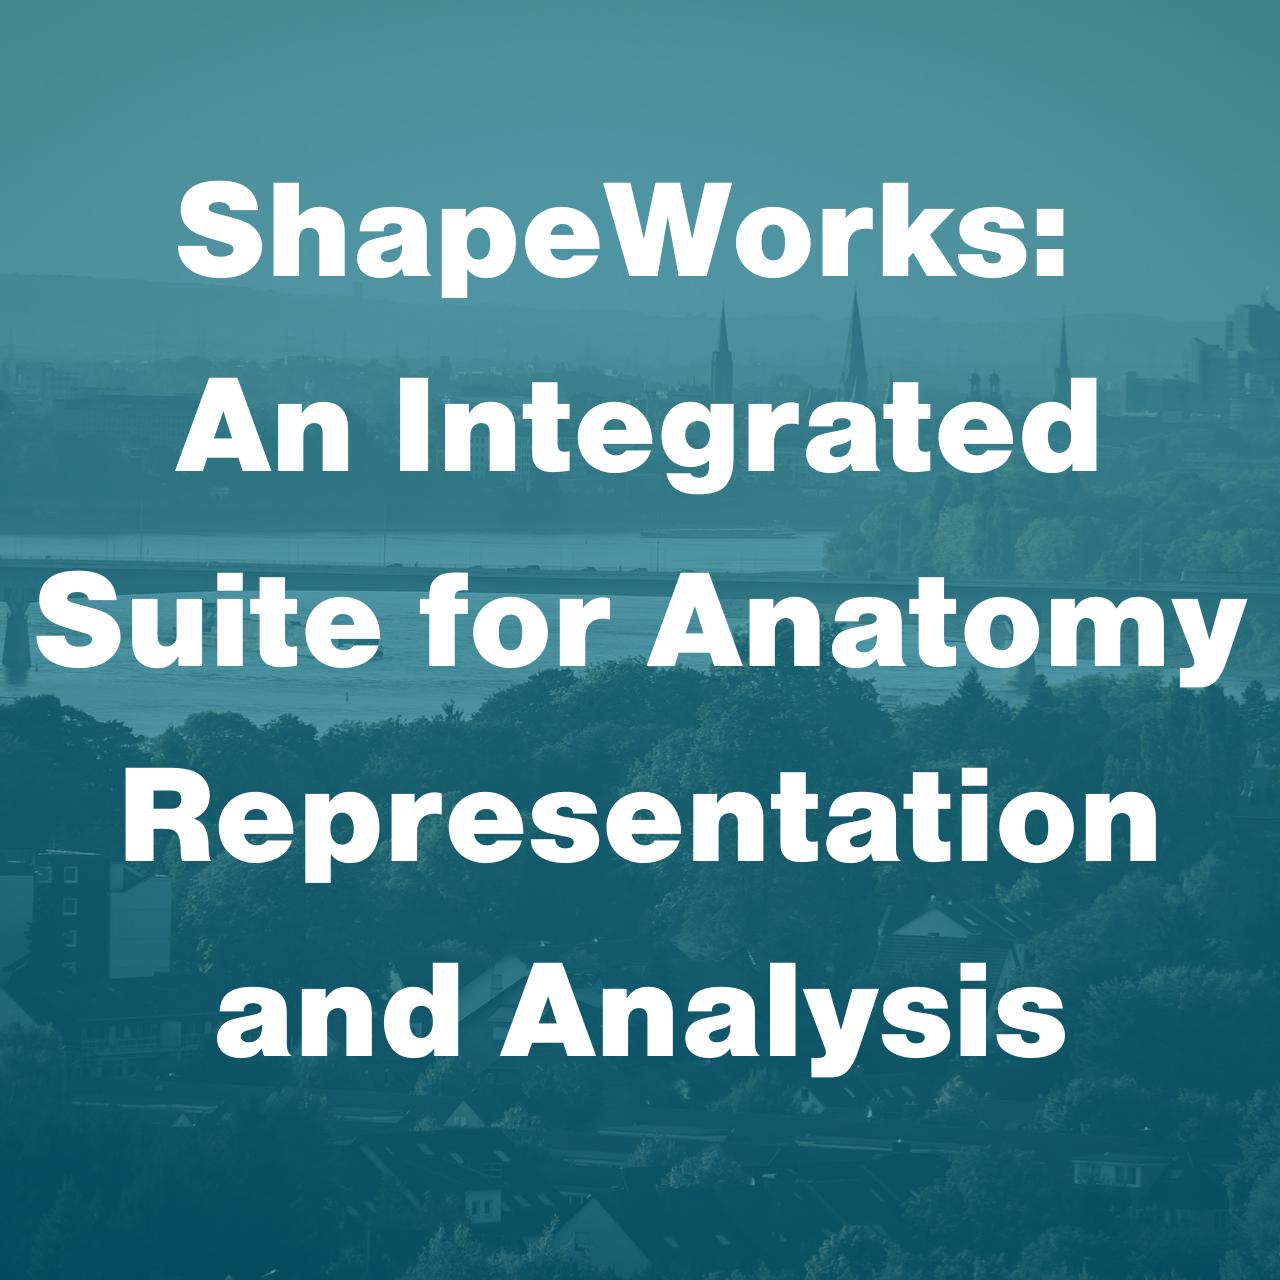 ShapeWorks CMBBE Workshop